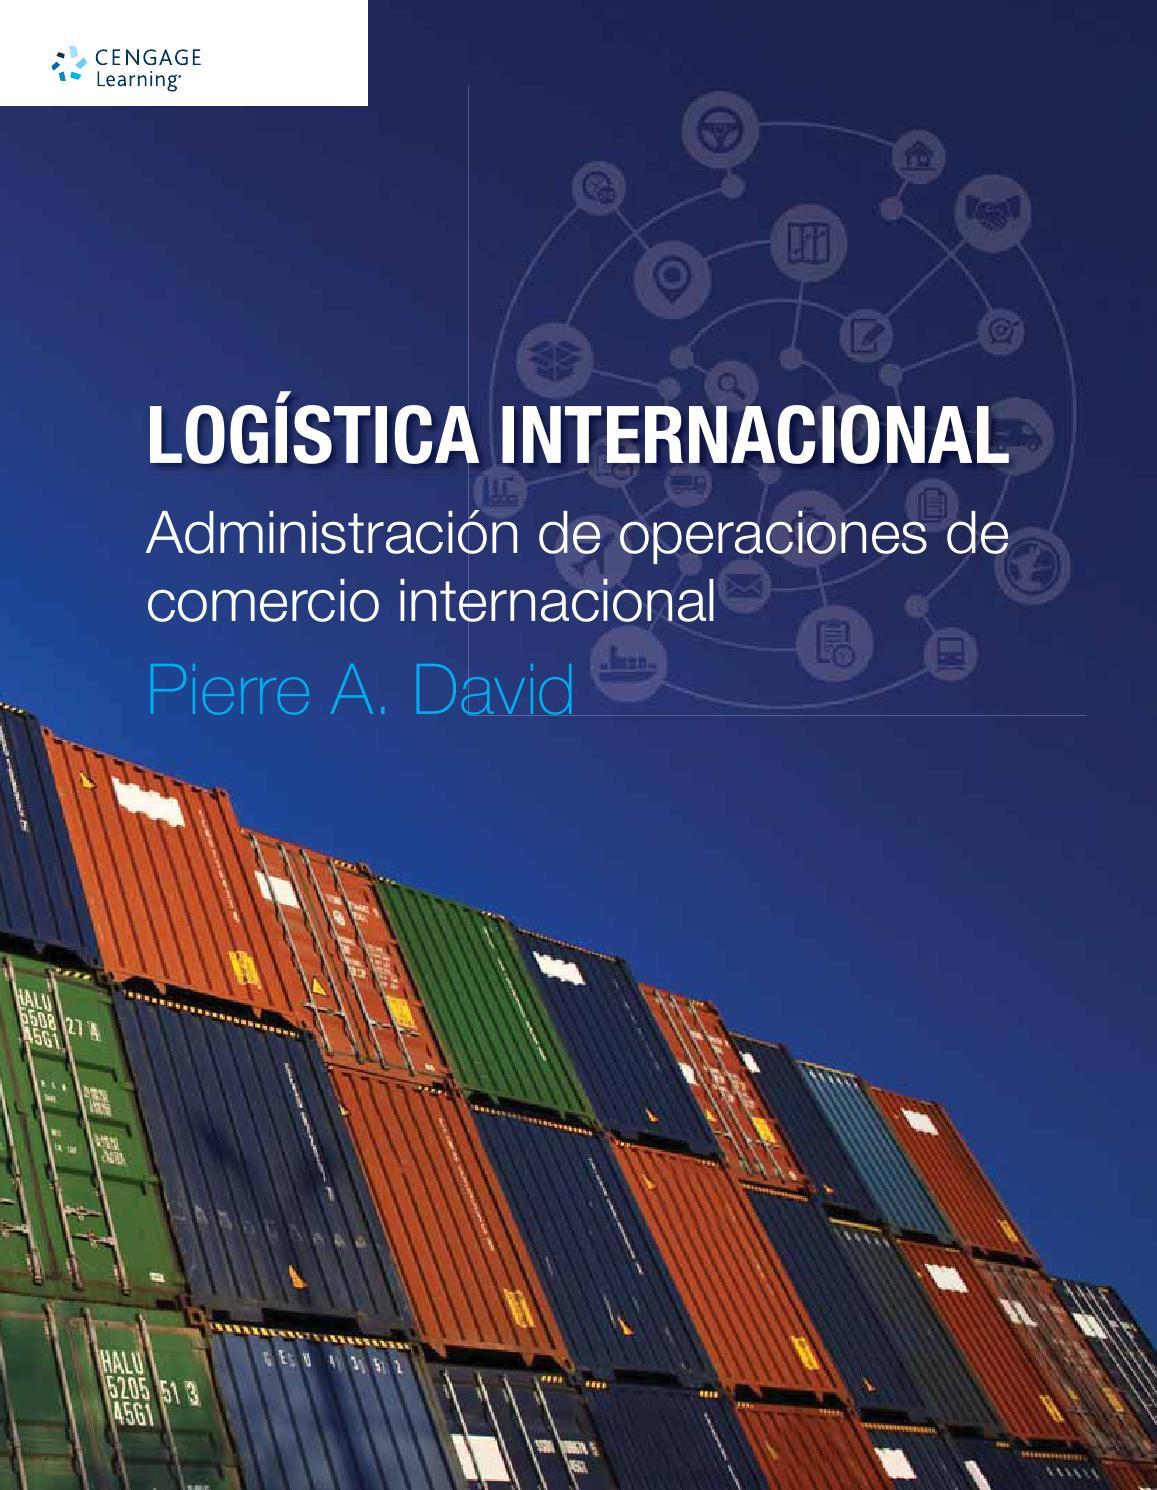 Logistica Internacional Administracion De Operaciones De Comercio Internacional 4 Ed David Pierre By Cengage Learning Editores Issuu